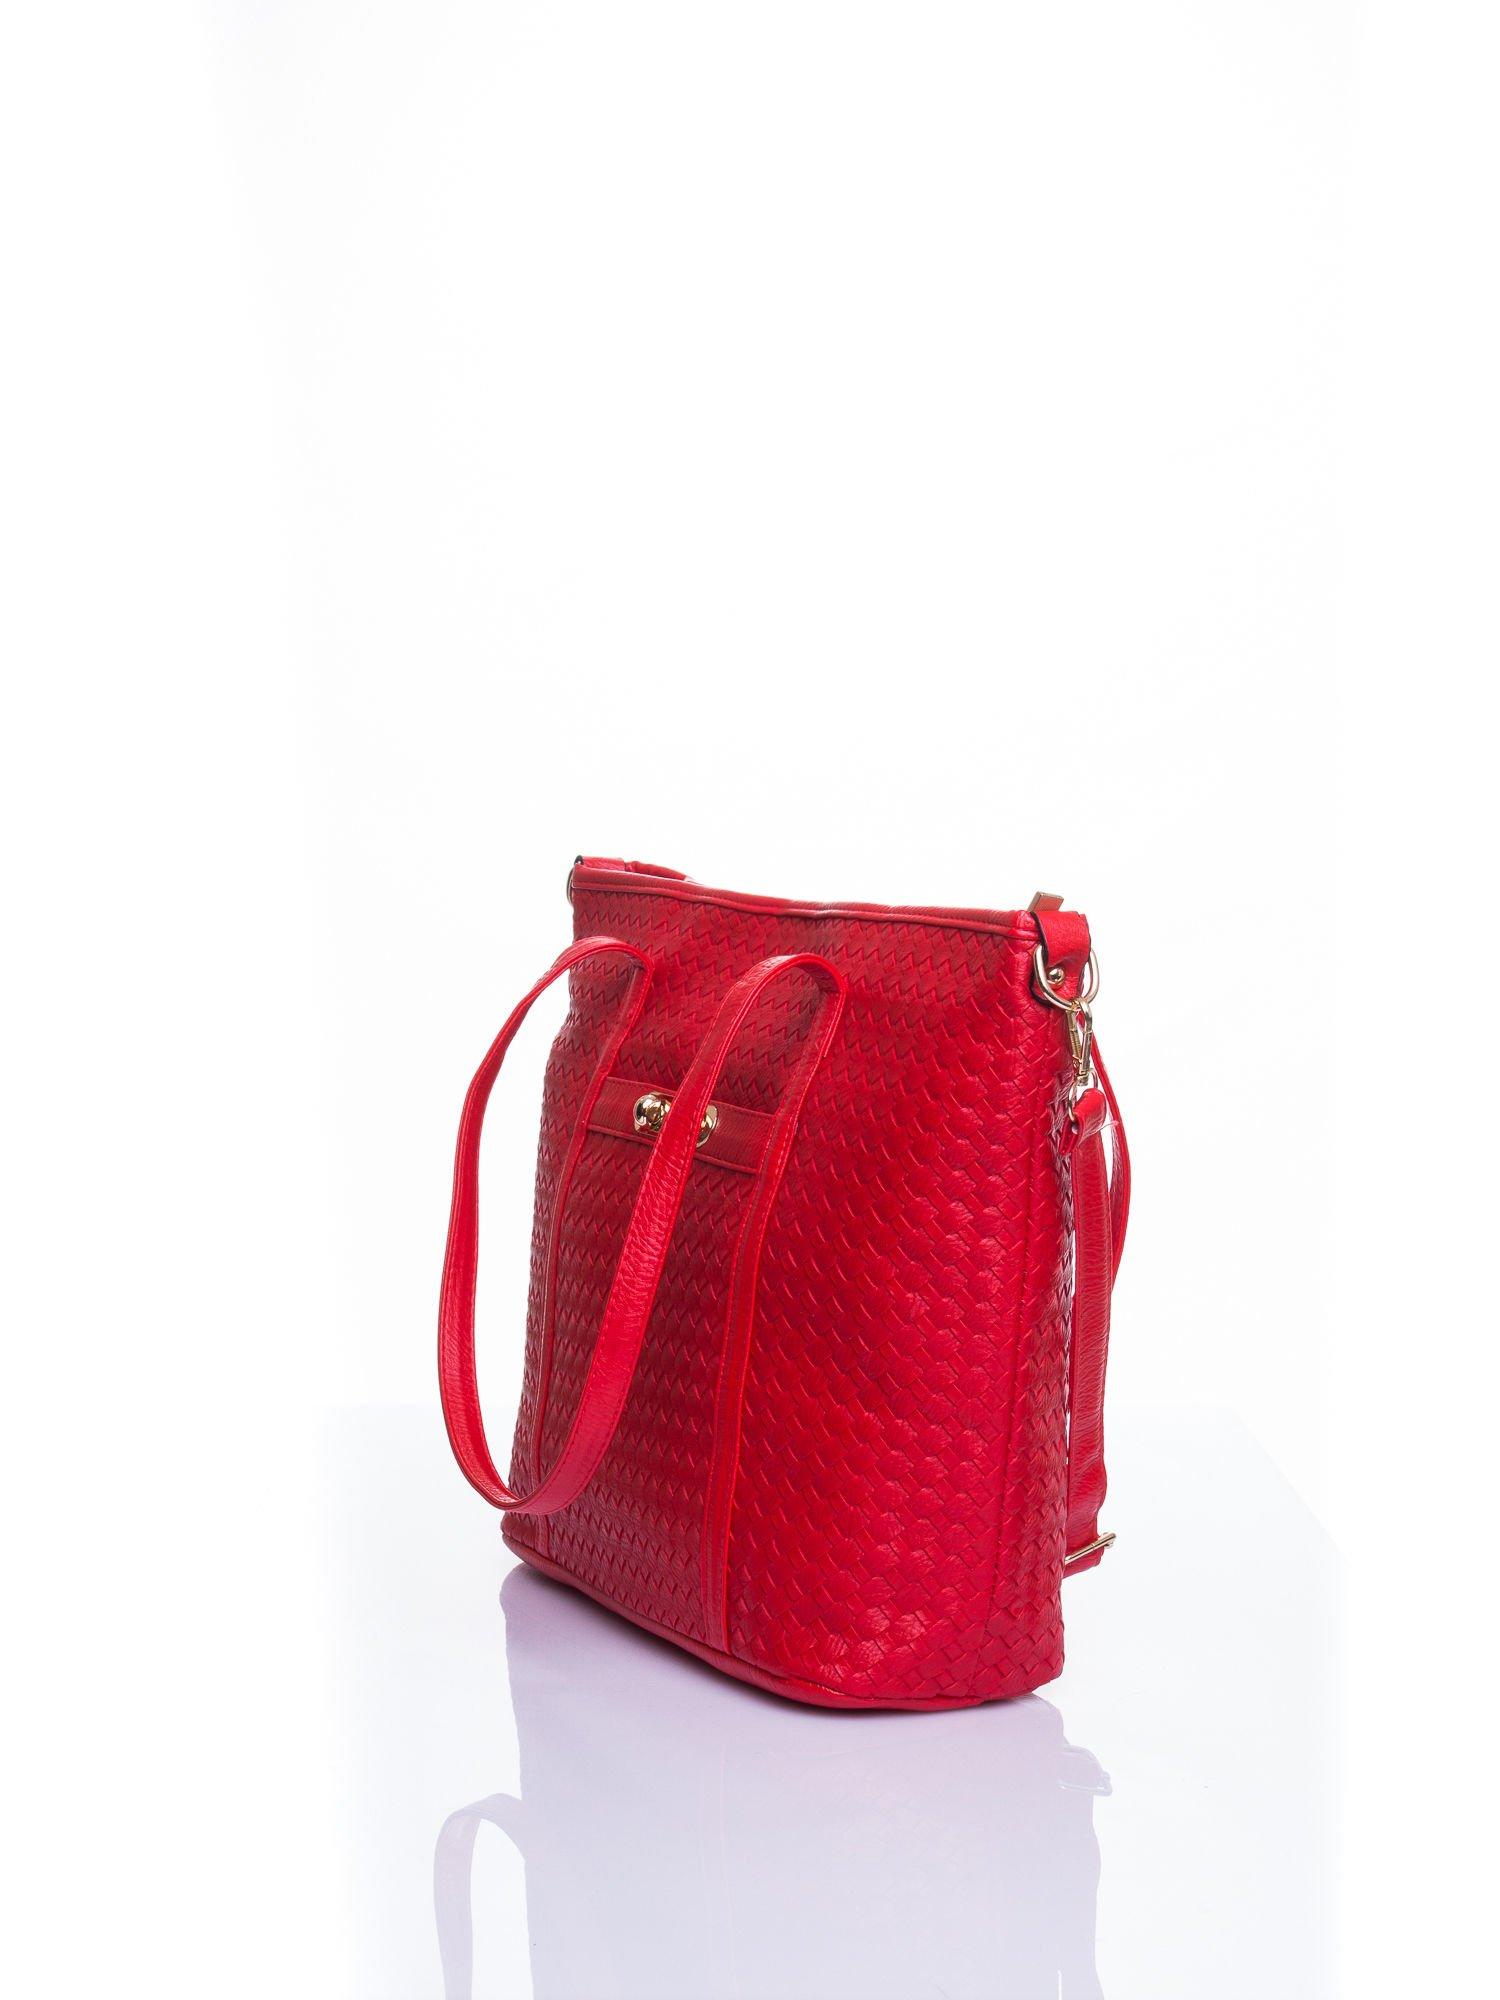 Czerwona pleciona torba shopper bag ze złotym detalem                                  zdj.                                  4